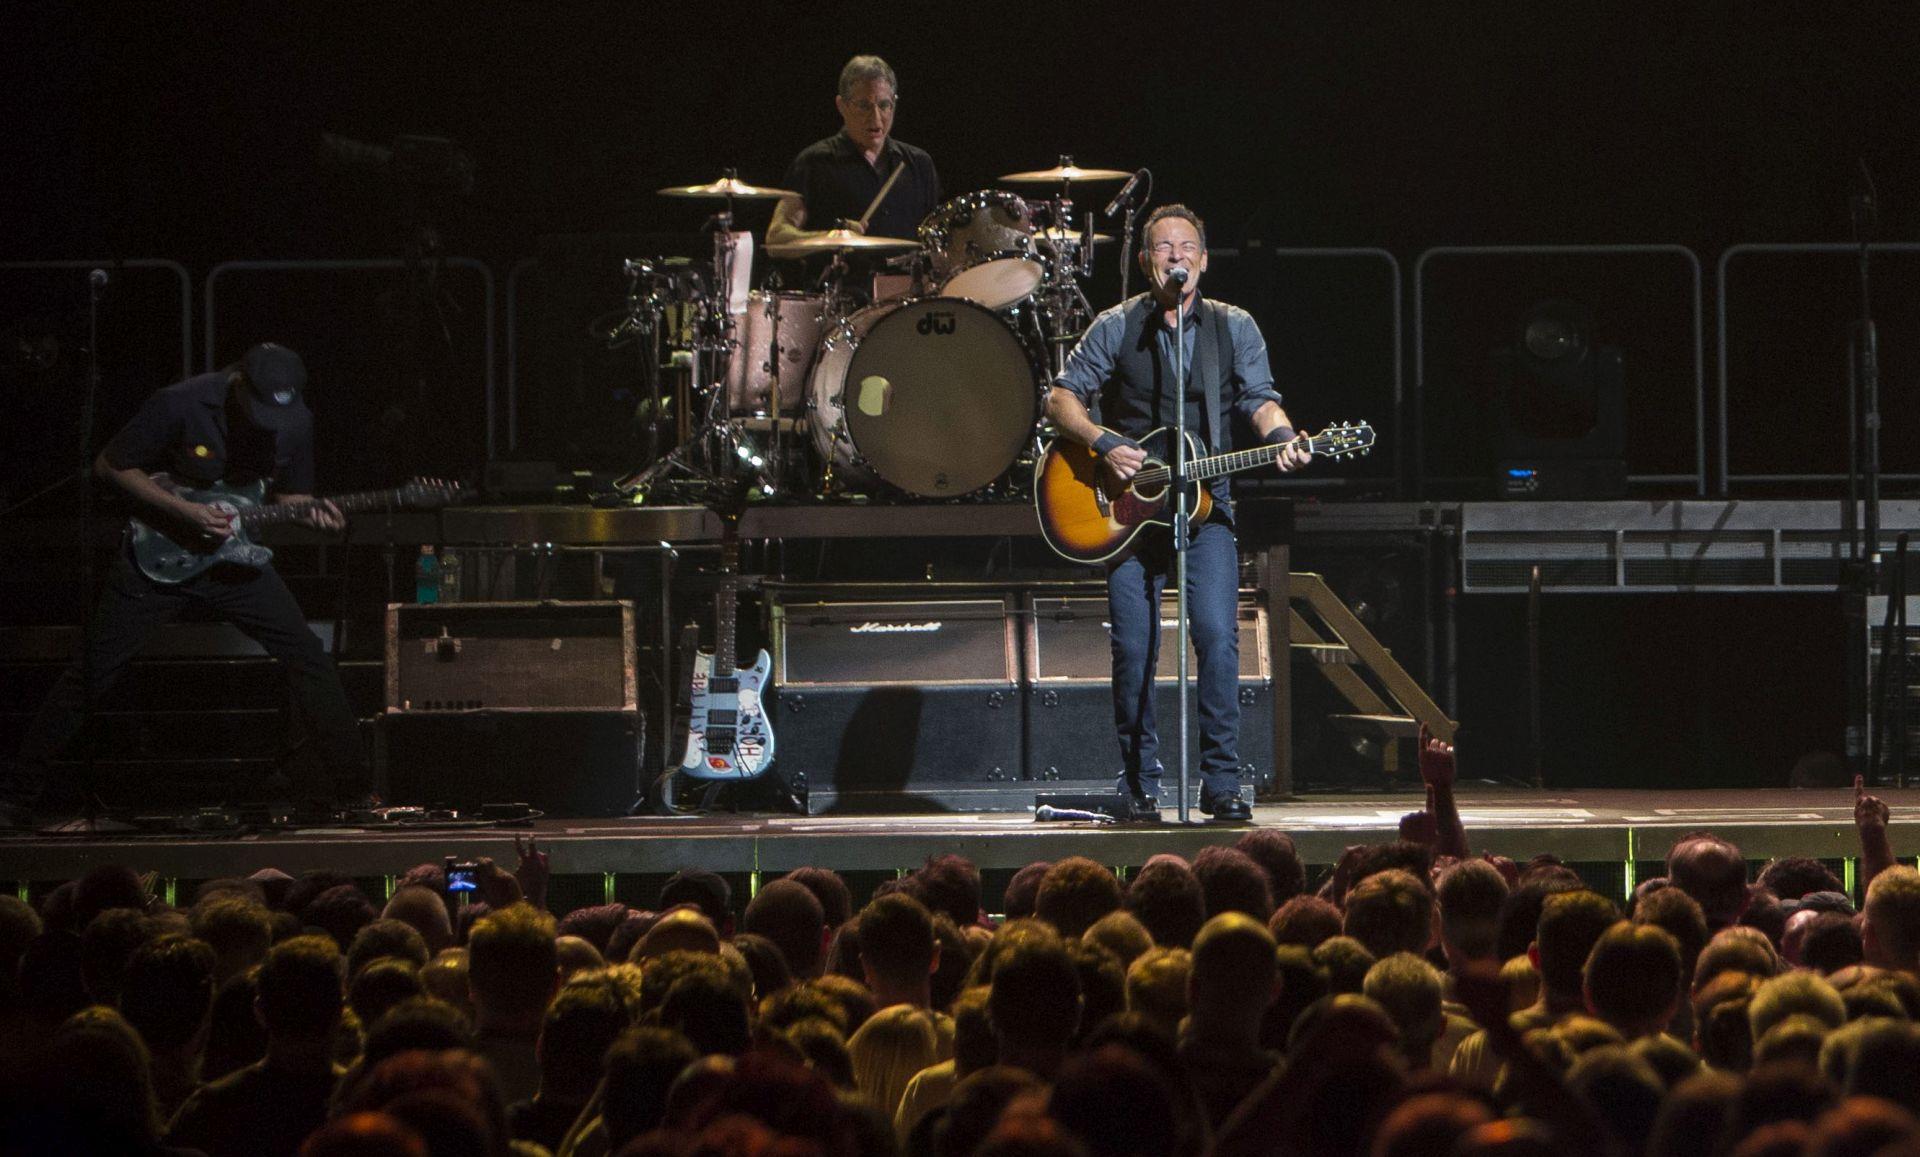 SJEVERNA KAROLINA Springsteen otkazao koncert zbog diskriminirajućeg zakona prema transrodnim osobama